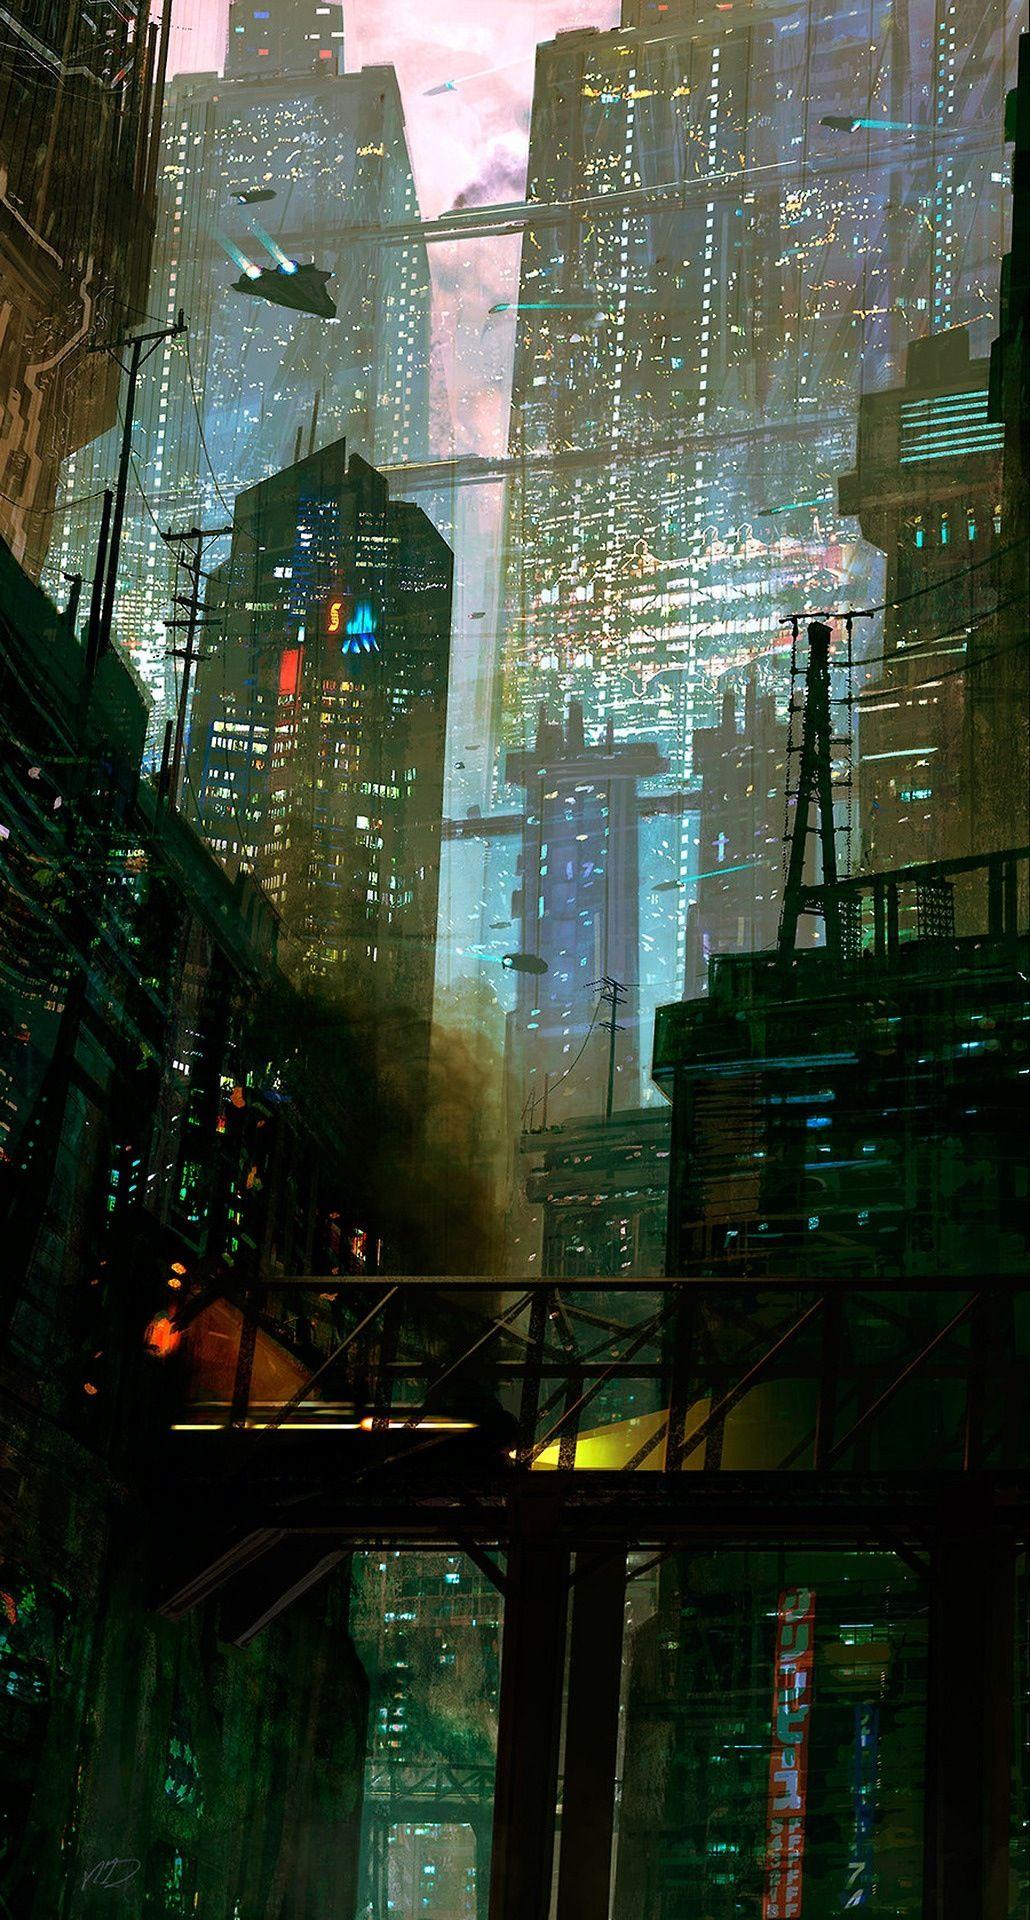 Cyberpunk City Cyberpunk City Sci Fi City Futuristic City